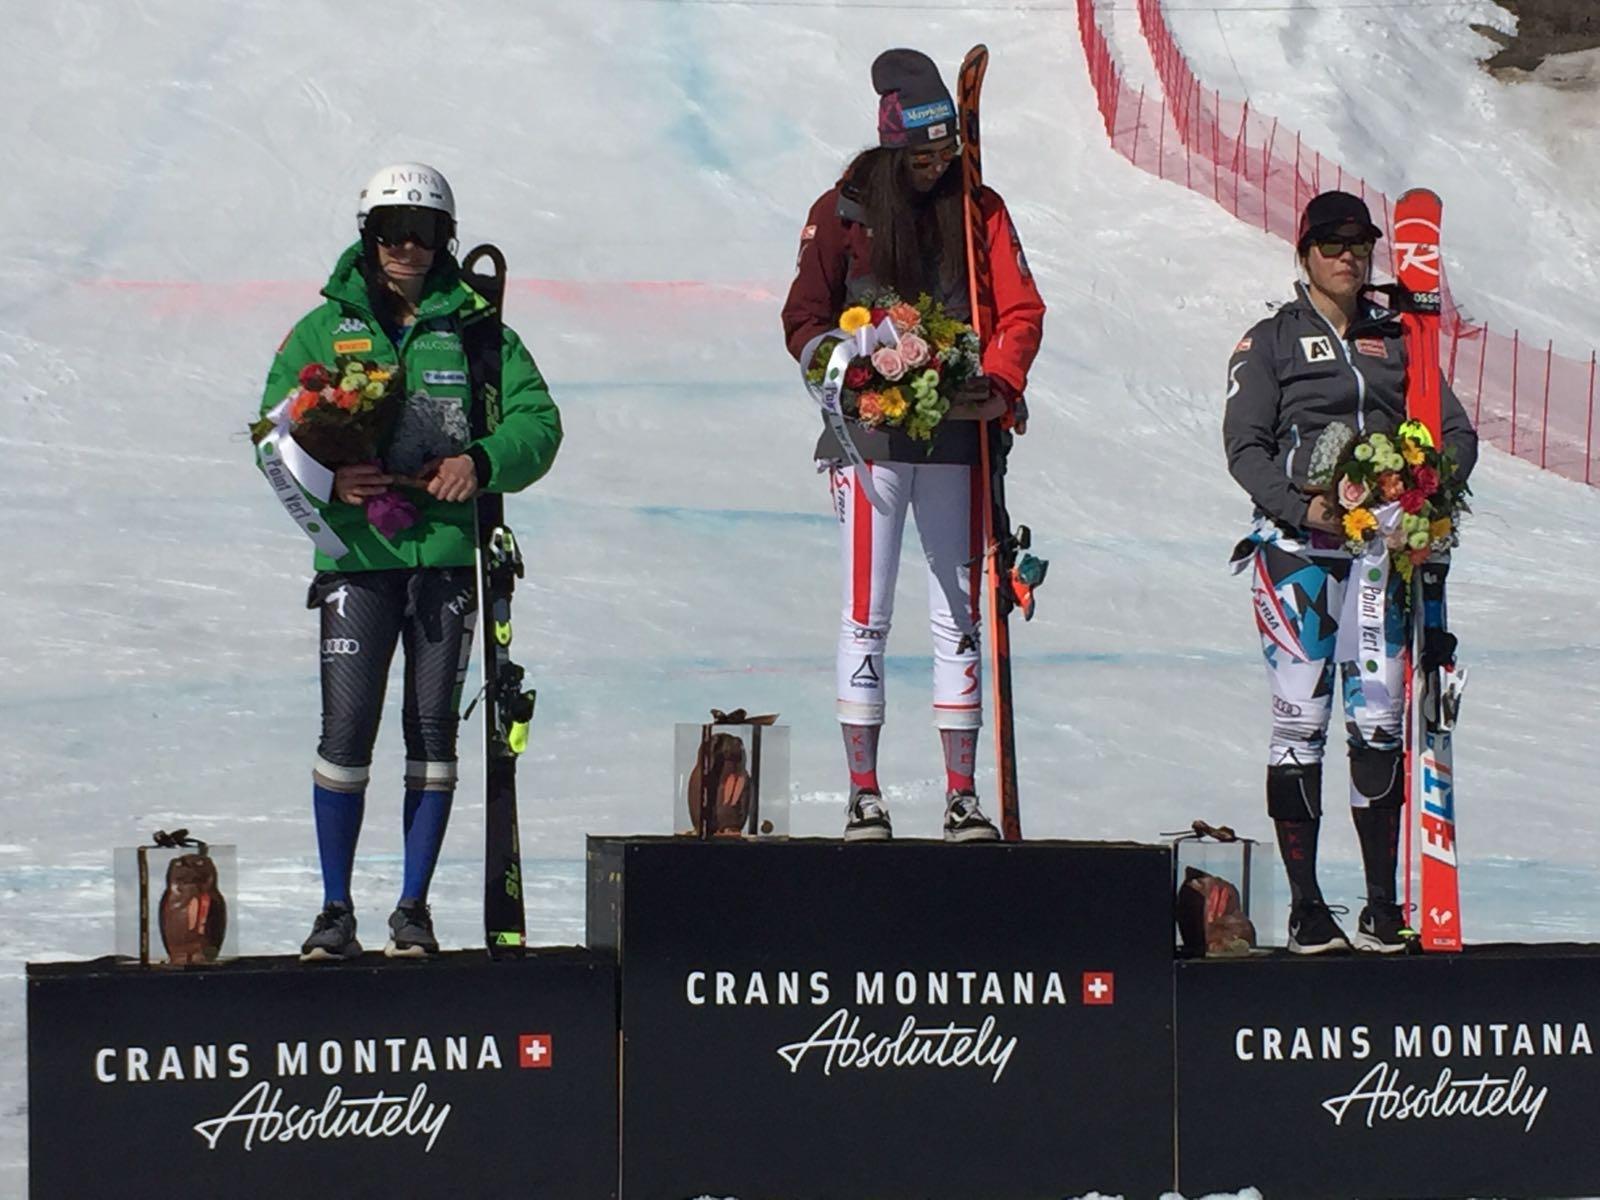 Sosio, Schneeberger e Fest sul podio della combinata alpina a Crans Montana il 20 febbraio 2017